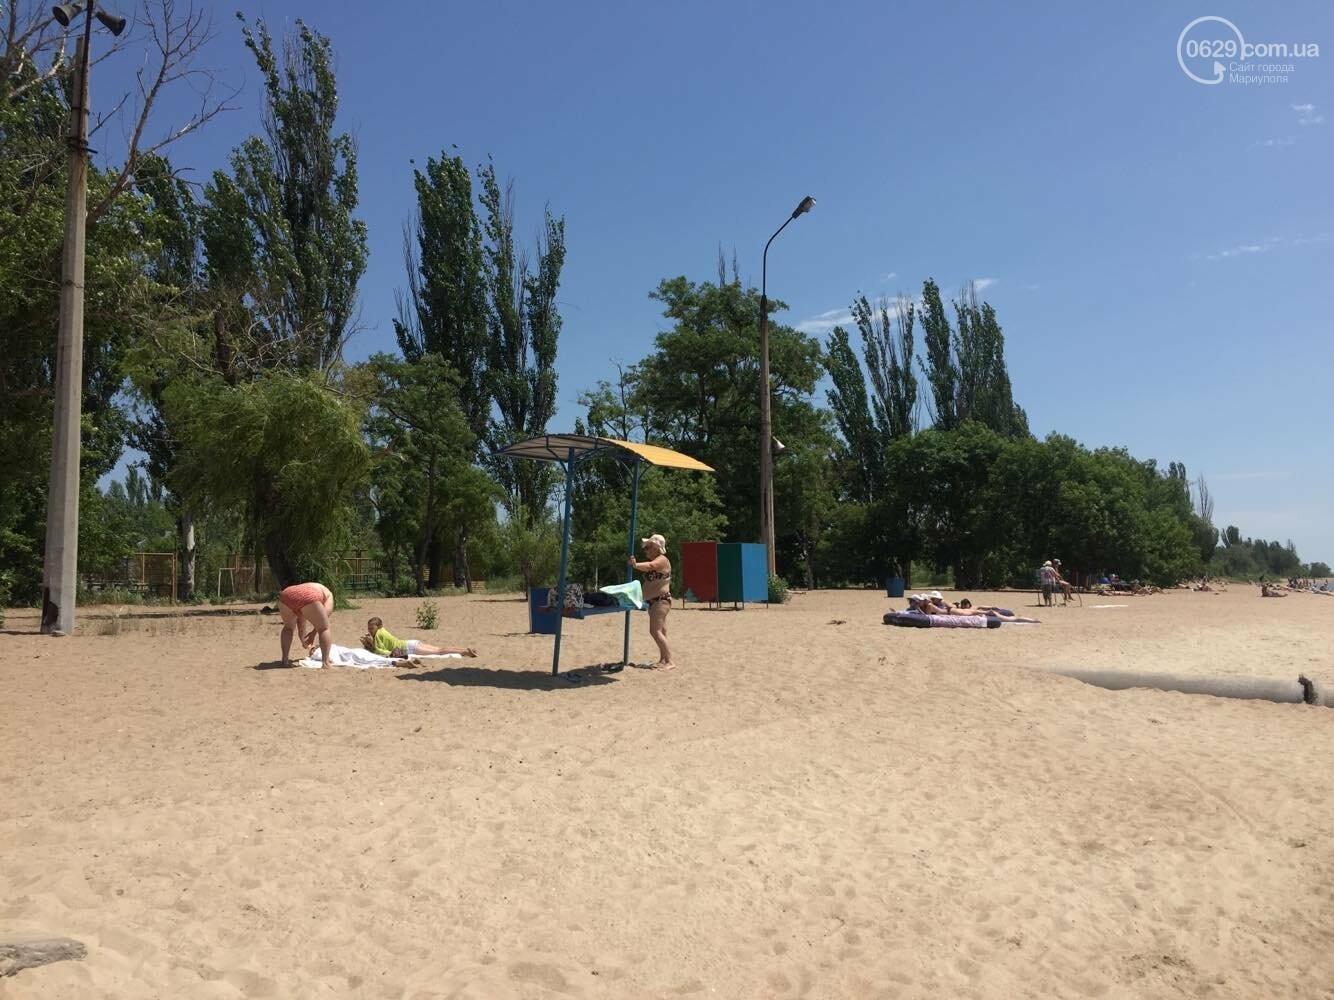 Реконструировать левобережную зону отдыха в  Мариуполе отдали известному поставщику саженцев, - ФОТО , фото-4